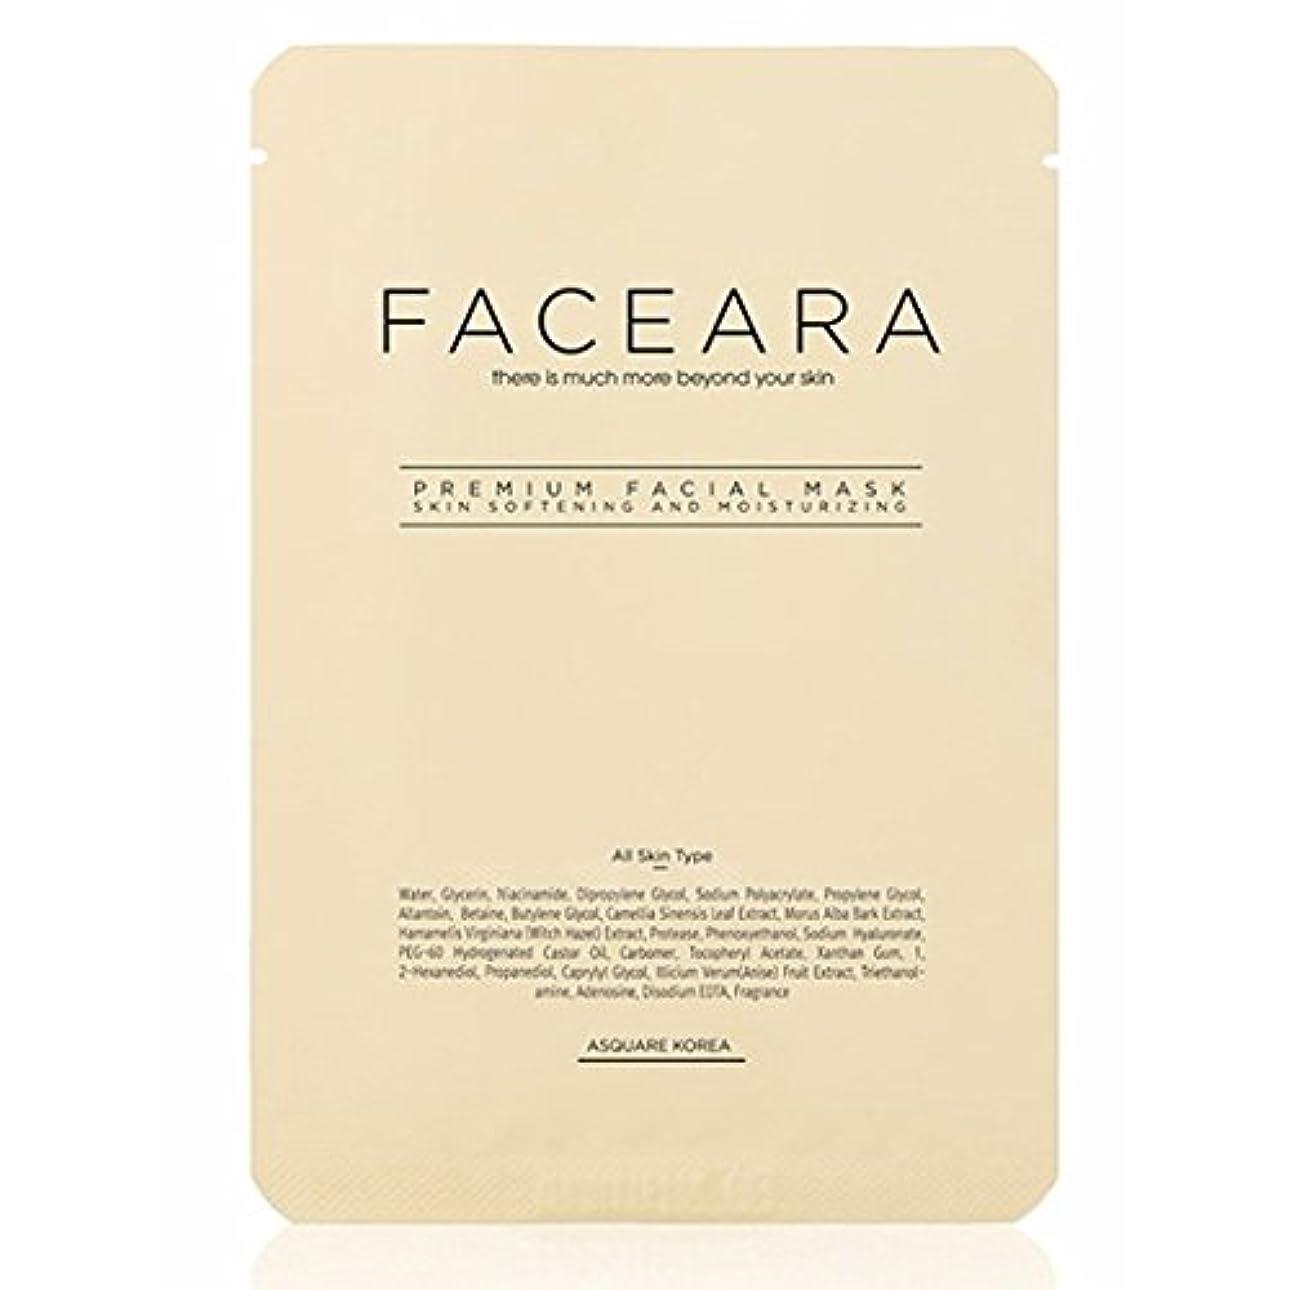 移住するもっと少なく先駆者[並行輸入品] FACEARA スクラブ&スーパーモイスチャライザー用プレミアムフェイシャルマスクシート25g 10本セット / FACEARA Premium Facial Mask Sheet for Scrub & Super Moisturizer 25g 10pcs Set